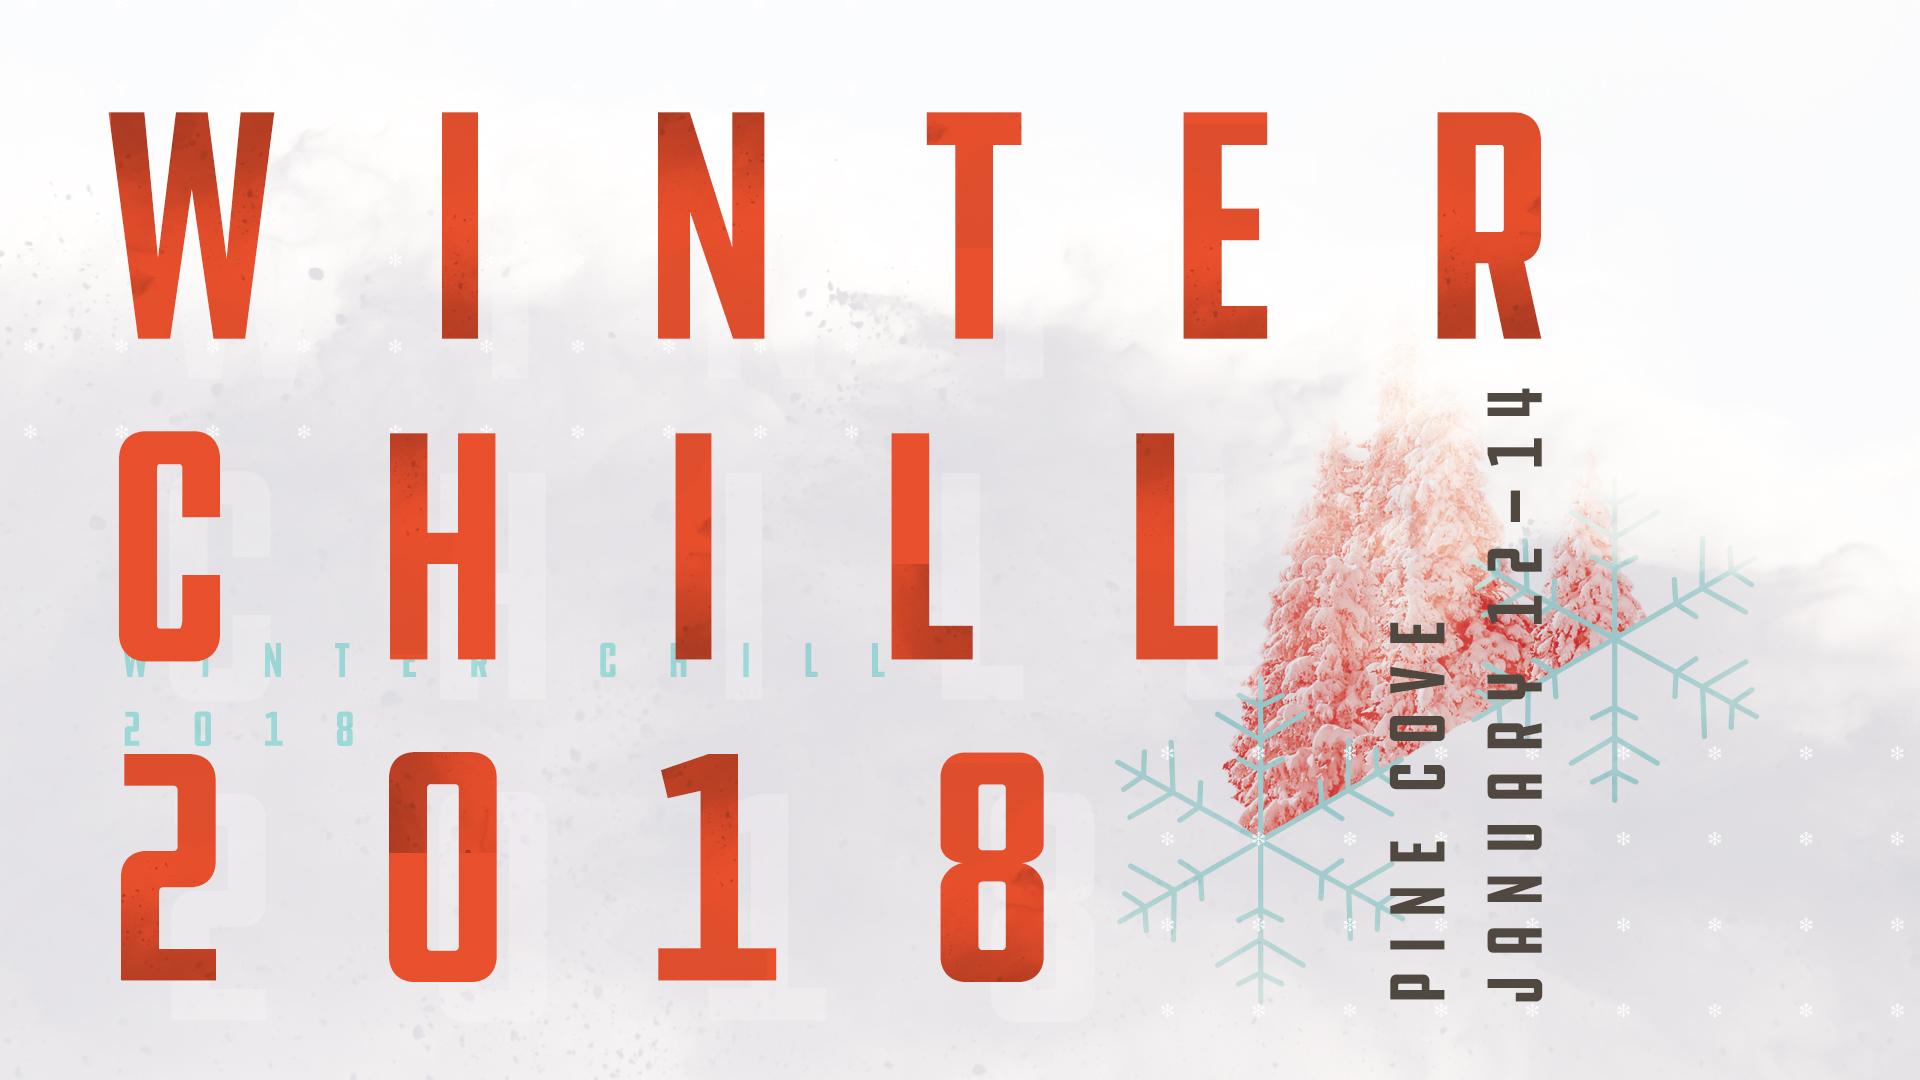 Winterchill 18 slide